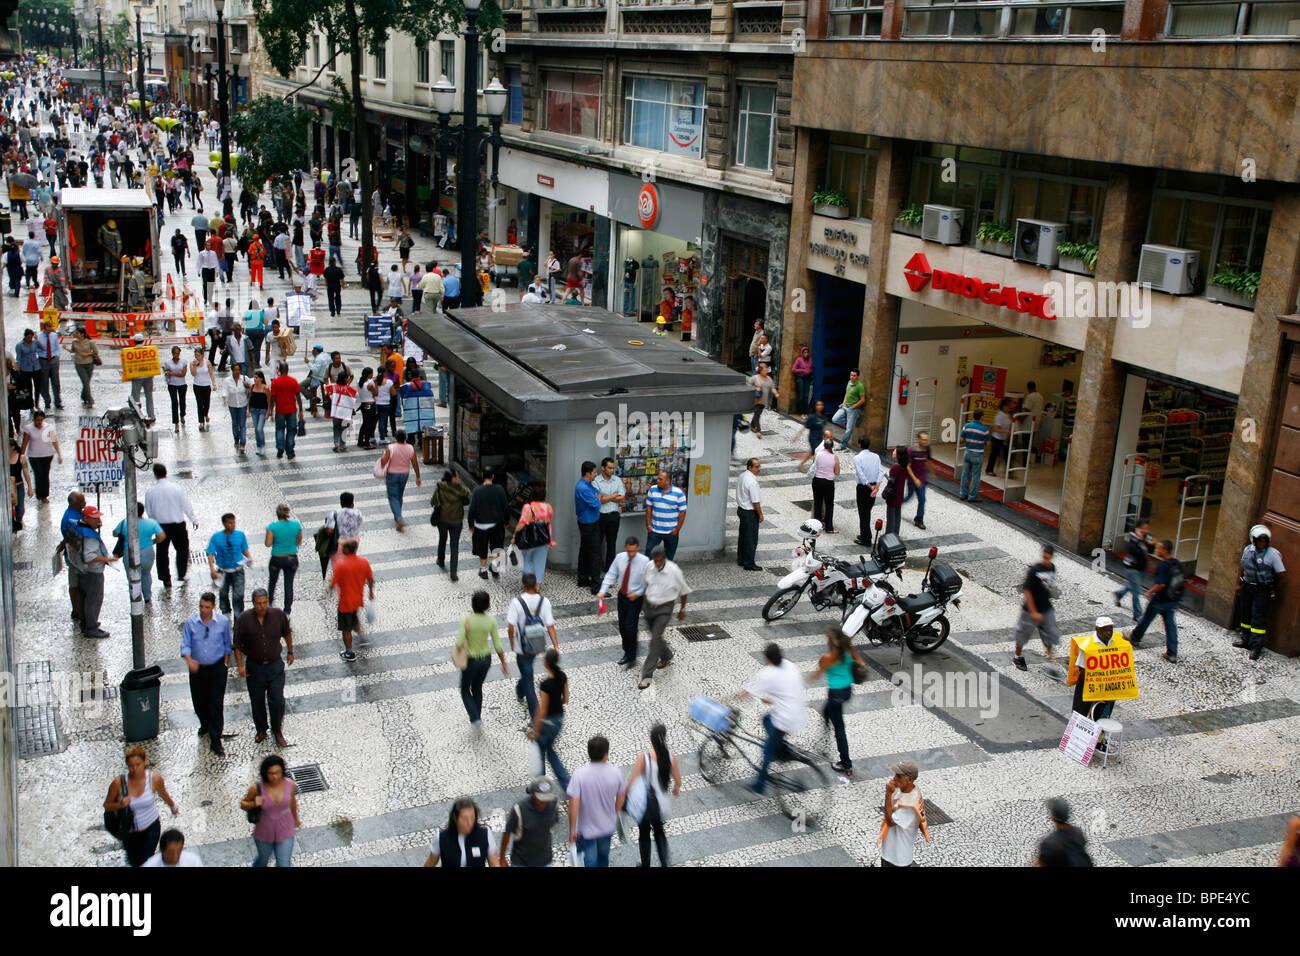 Gente caminando por una calle peatonal de compras en el centro de Sao Paulo, Brasil. Imagen De Stock